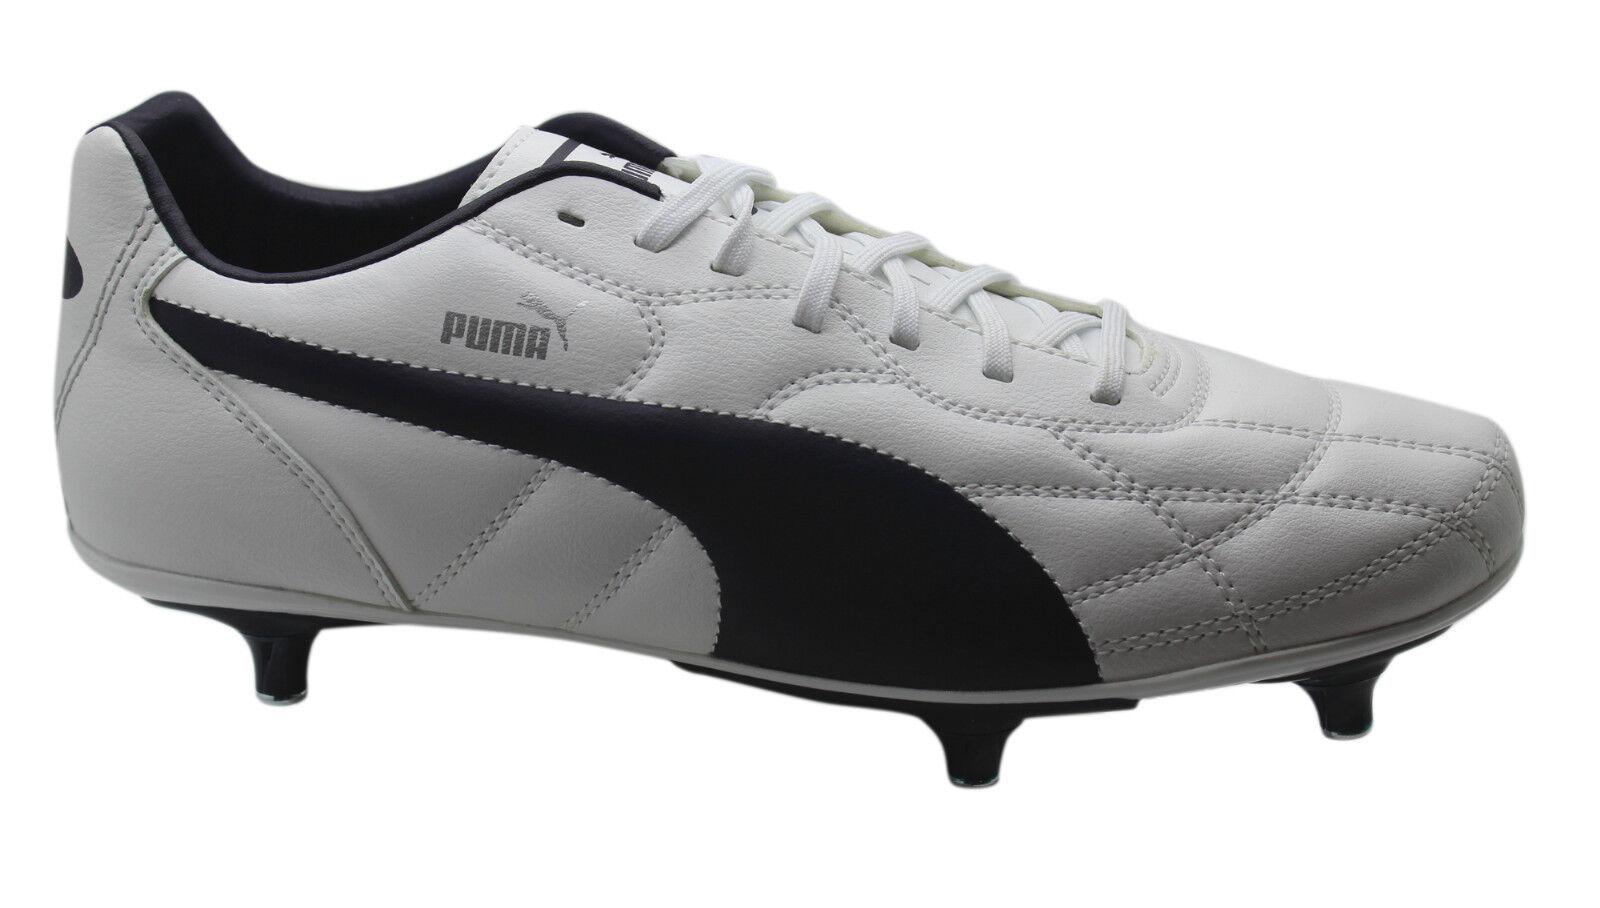 Puma Classico SG Soft Ground Mens Football Boots White Navy bluee 103351 03 U14